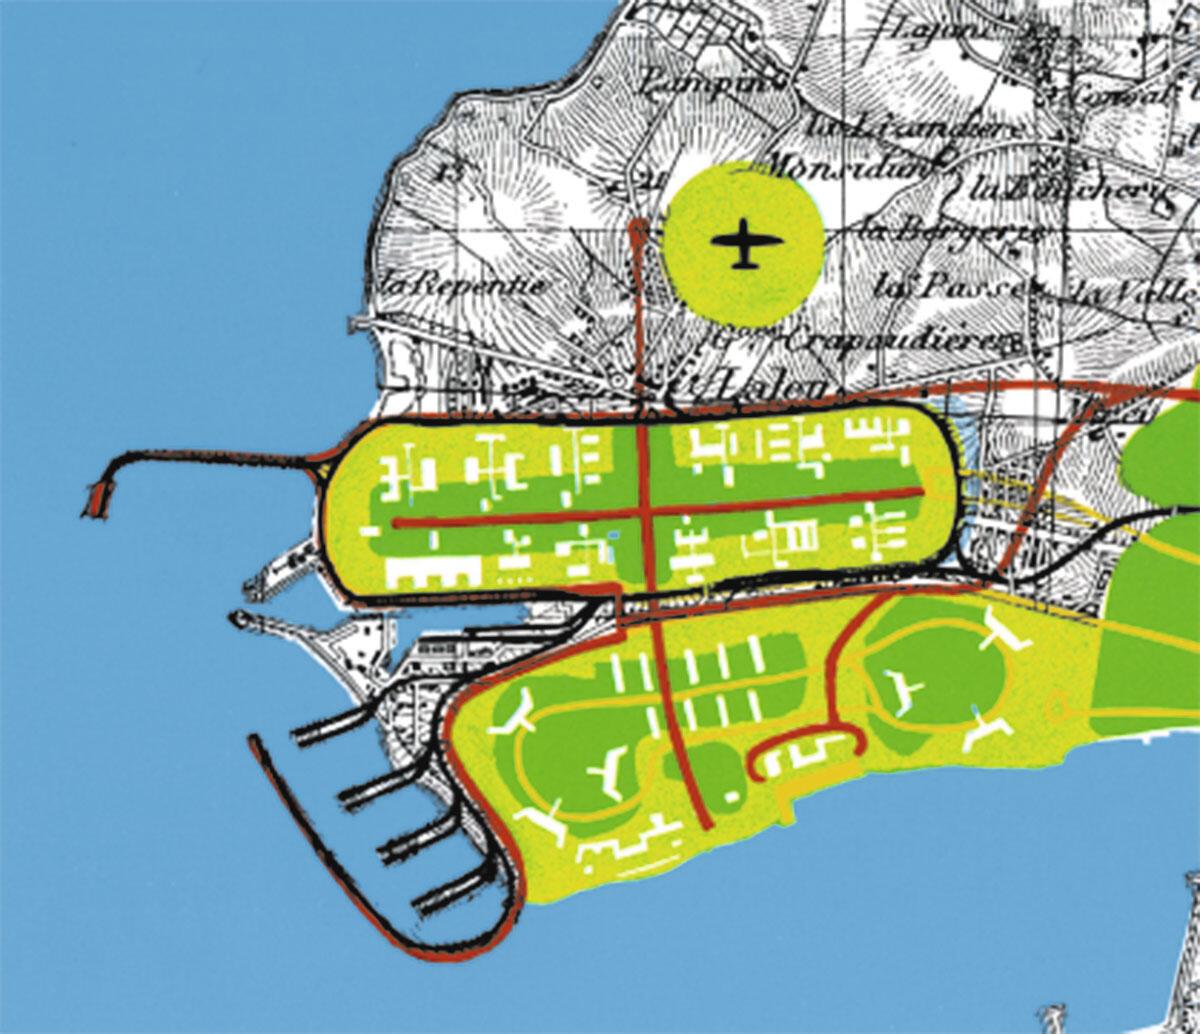 Die Moderne in Warteposition: Urbanisierung von La Rochelle-Pallice, Projekt von Le Corbusier 1945-46.